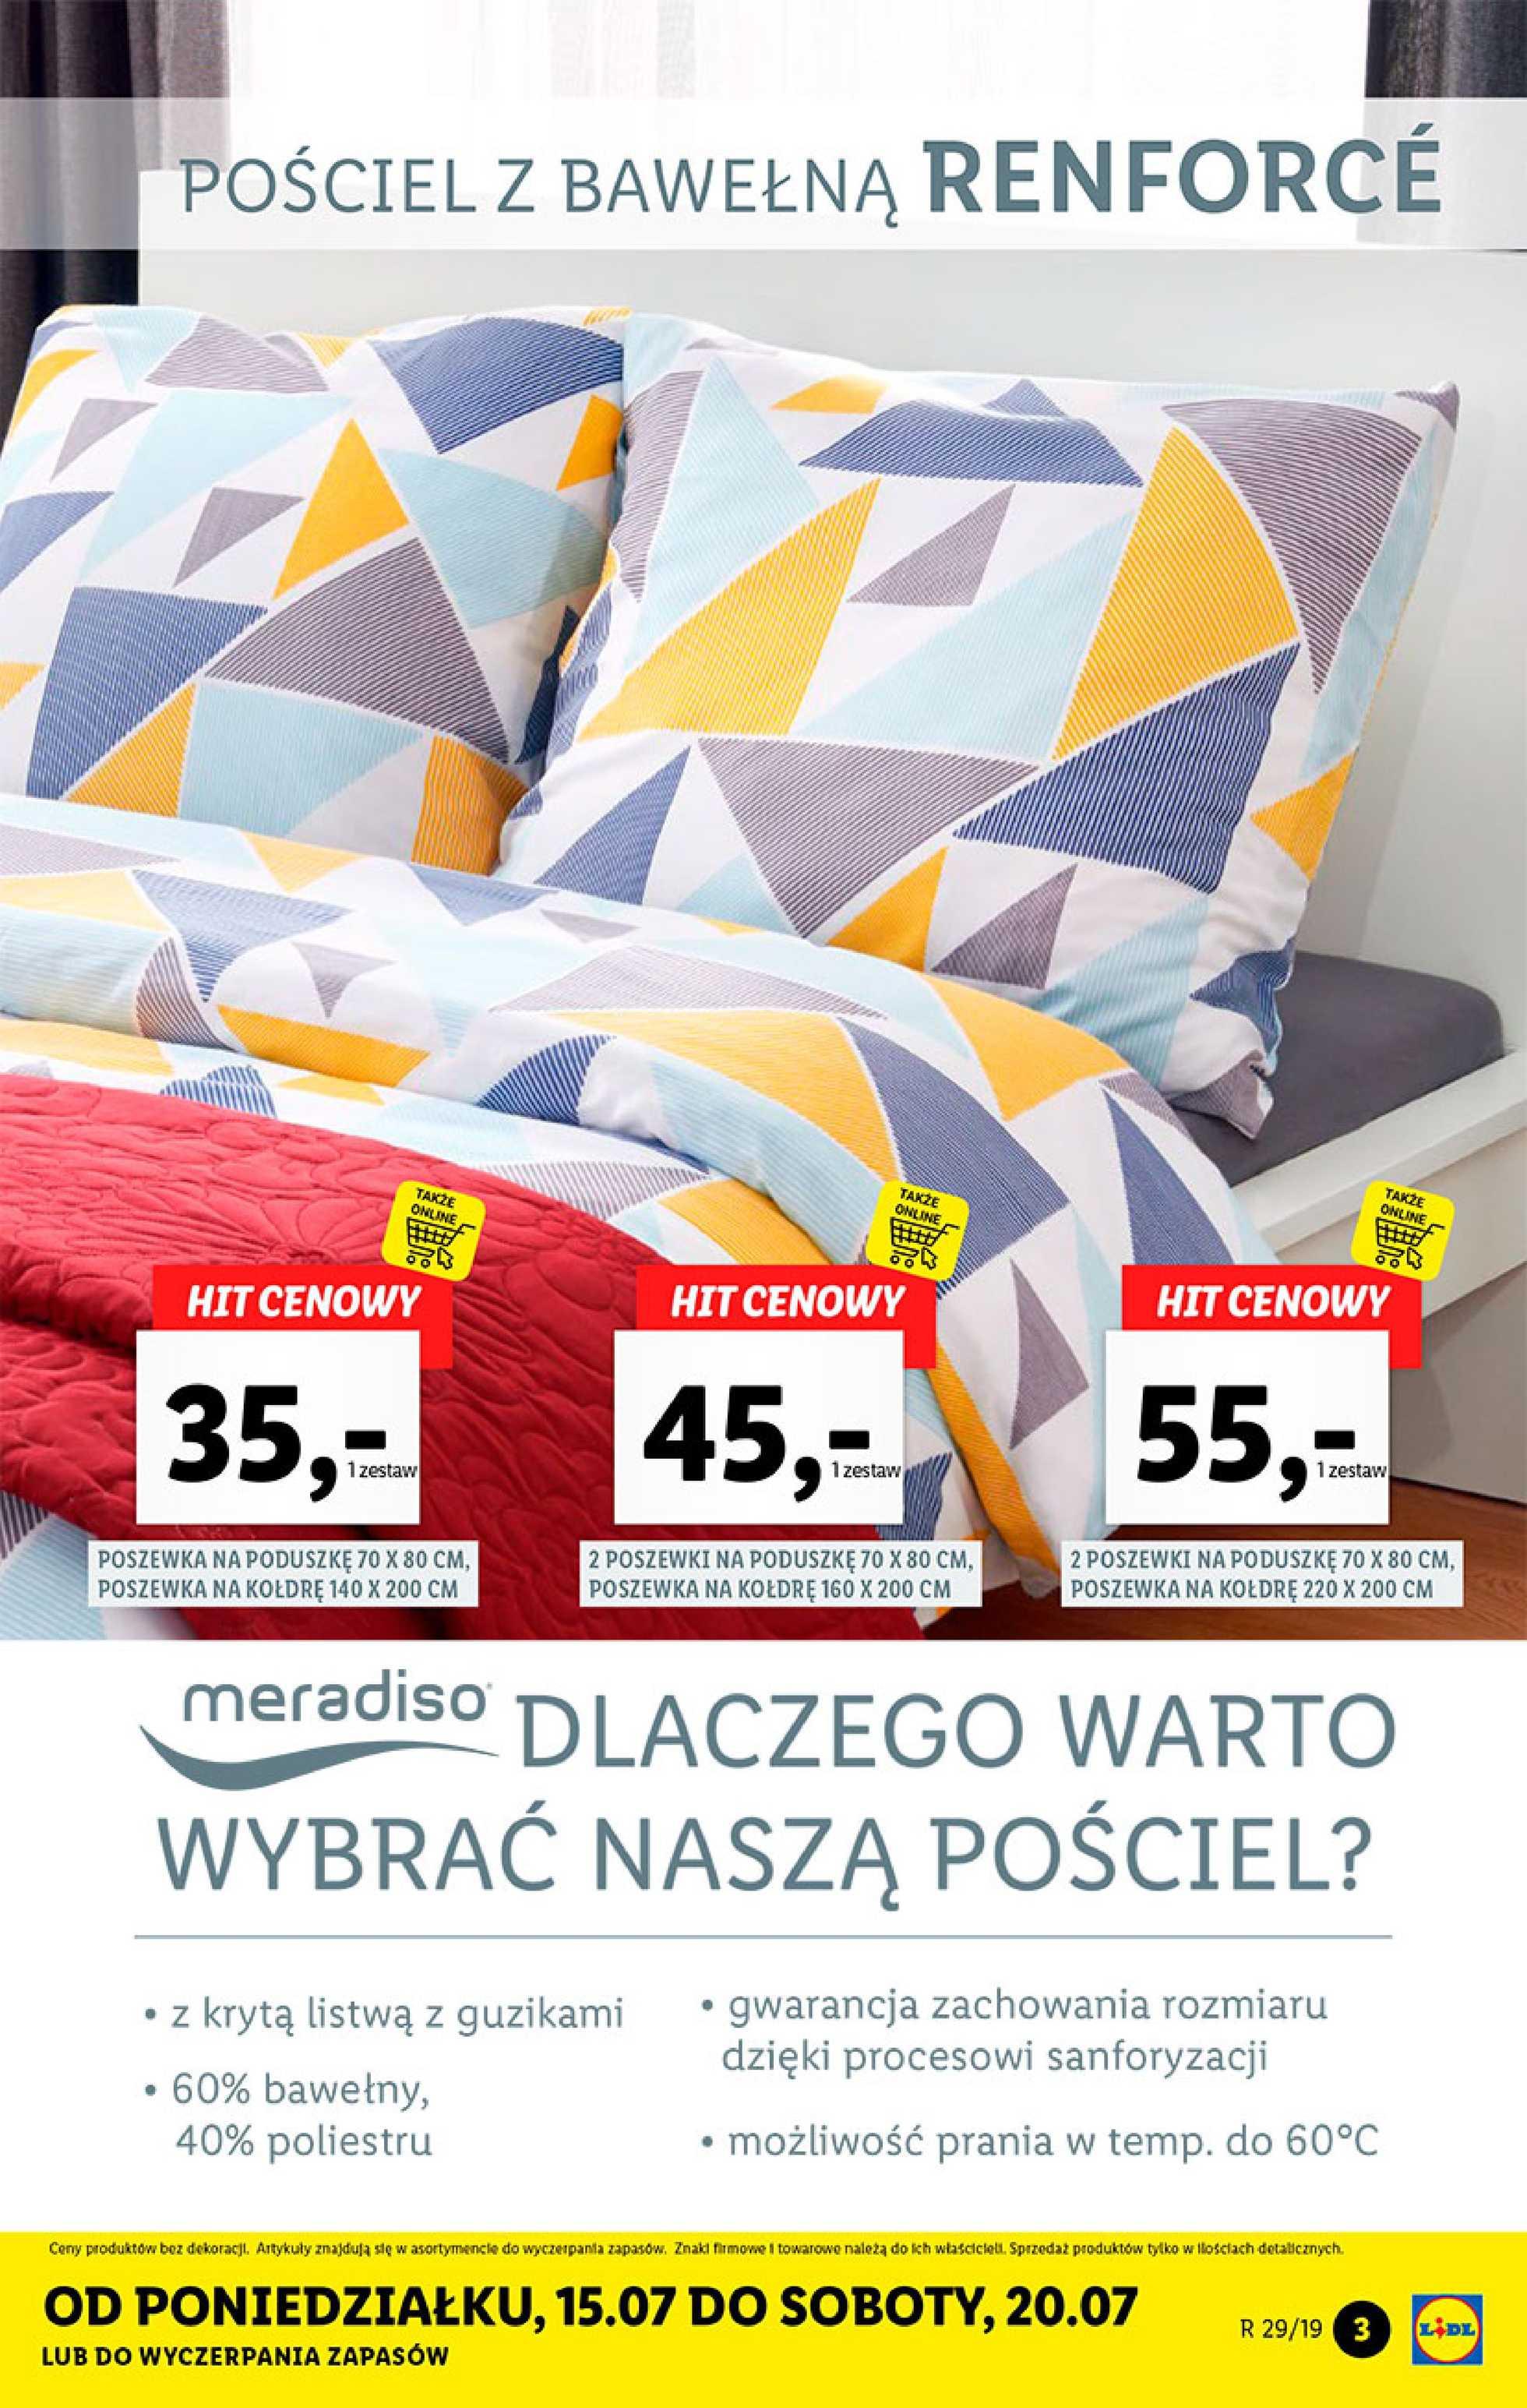 Lidl Gazetka Promocyjna 15 07 2019 Gazetkowopl